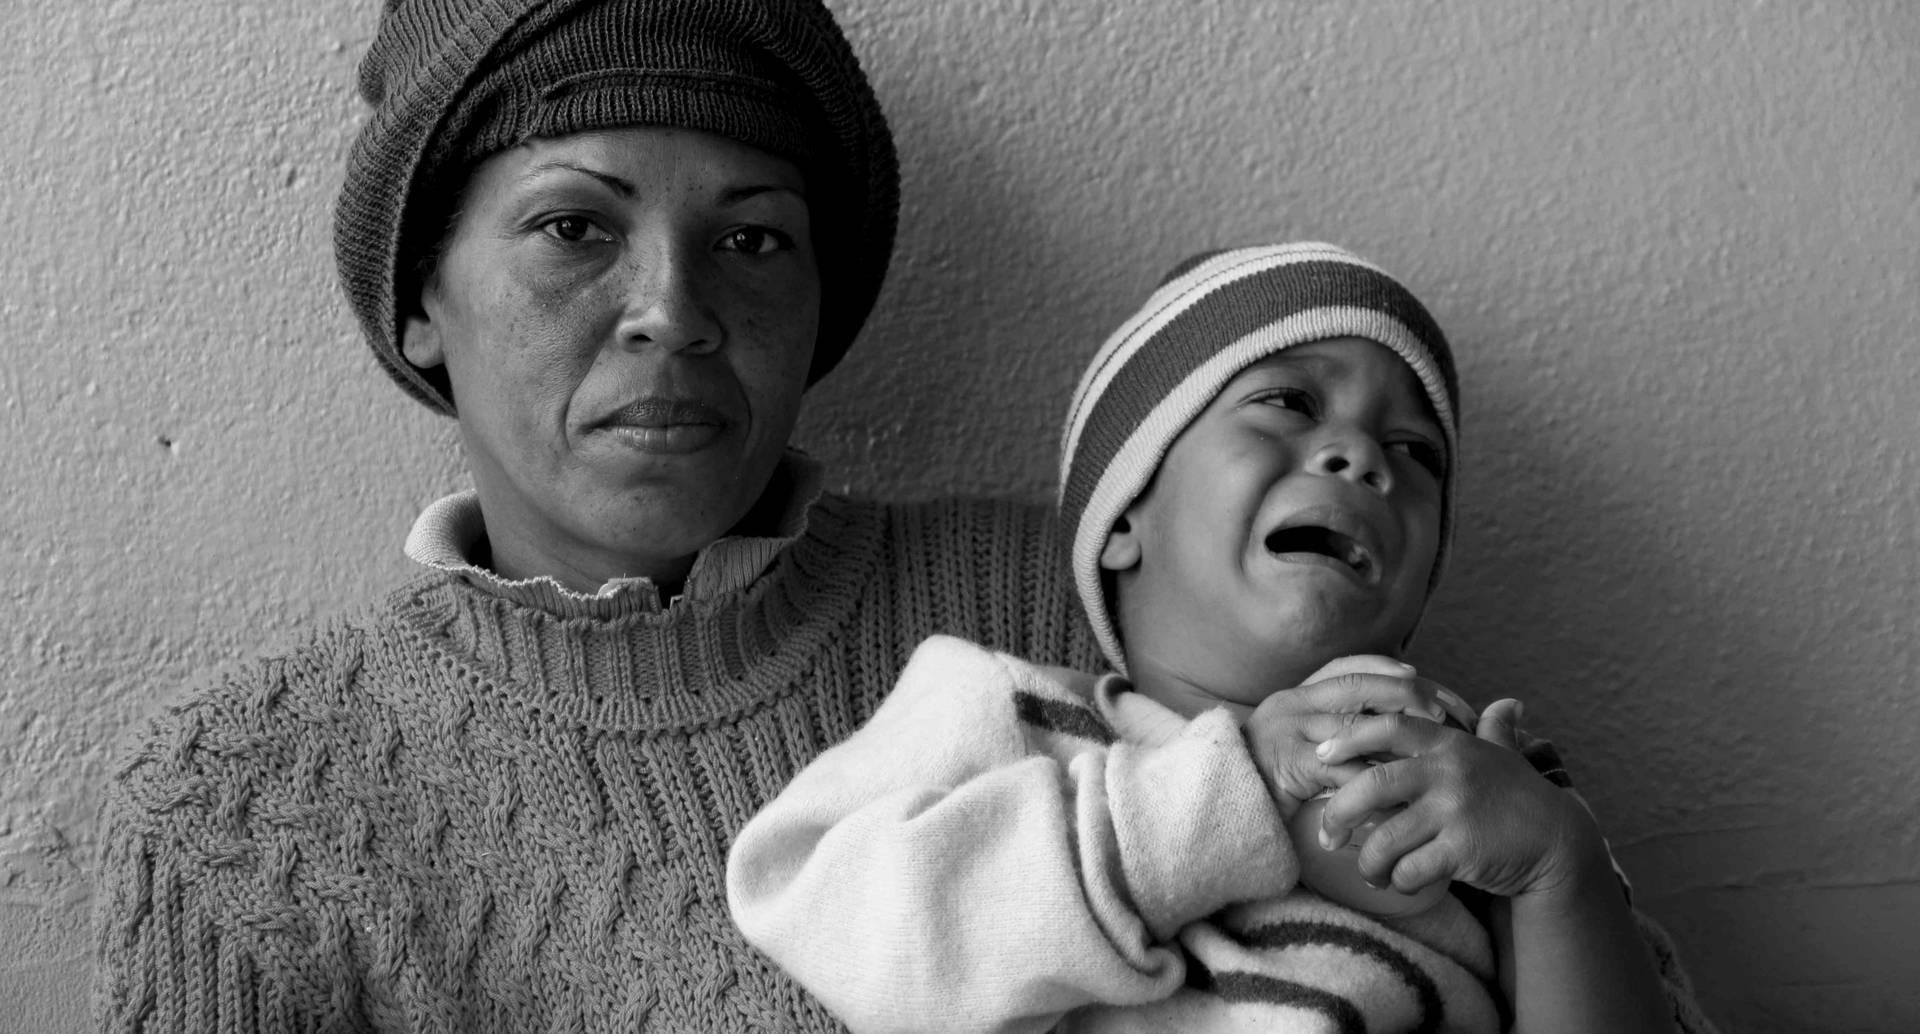 Marienela Reyes y Sebastían Quebedo: Marienela decidió salir de su casa en Venezuela porque el hambre la desesperó. Partió con su hijo de tres años rumbo a Bucaramanga. En este punto ya llevaba seis días de viaje, su hijo tenía una infección en el oído, fiebre y no tenían medicinas para el dolor. El clima era de menos cero grados en las montañas santandereanas, pero por un momento esta mujer migrante recordó el mar de donde venía, recordó a su hija de catorce años a quien tuvo que dejar y recuperó fuerzas para seguir caminando por las carreteras nubladas.